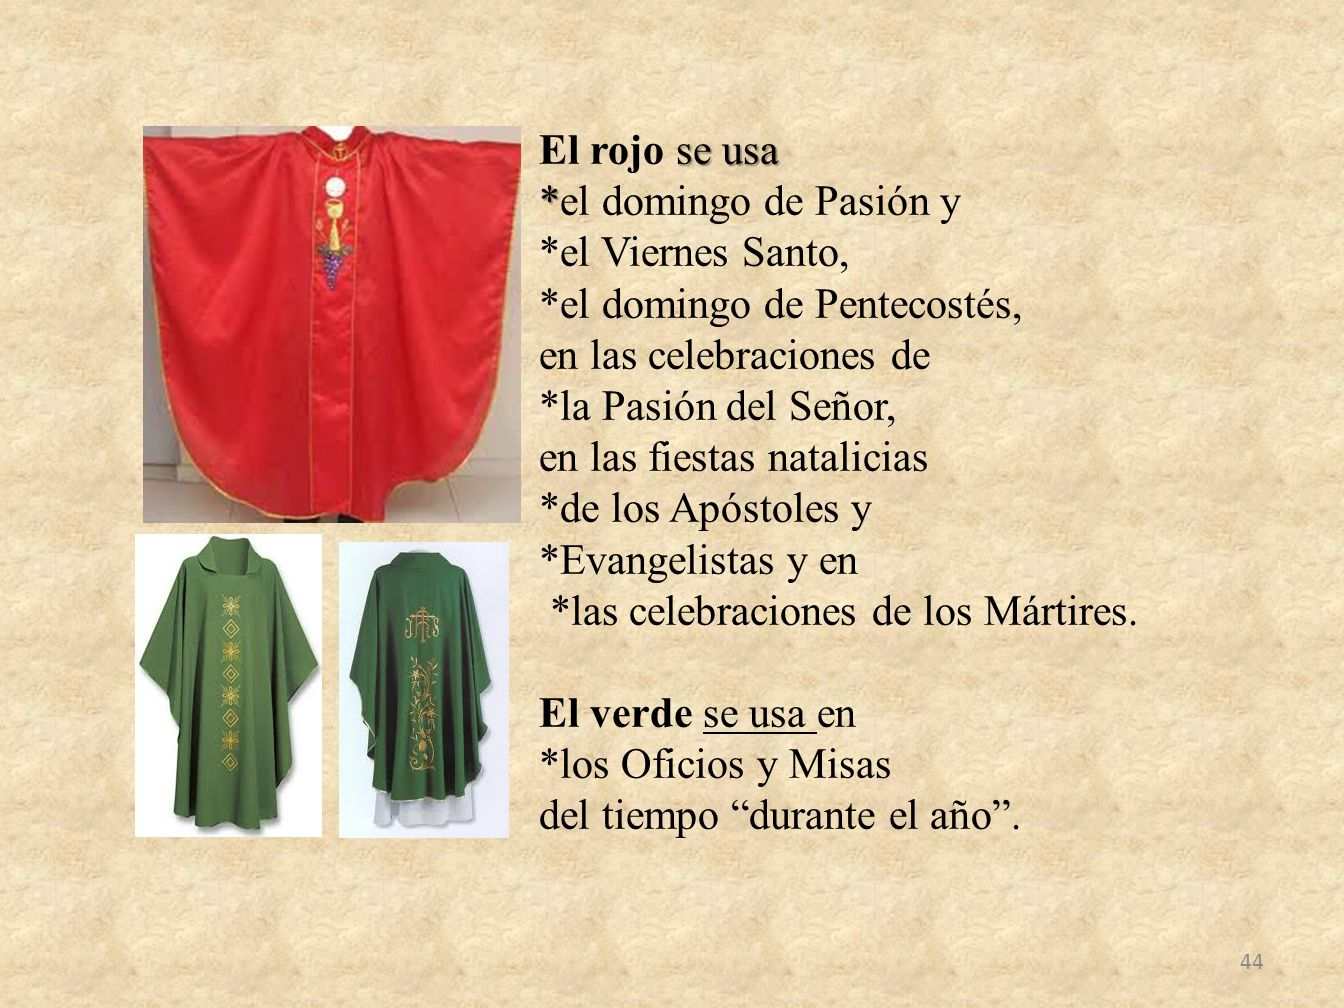 se usa El rojo se usa * *el domingo de Pasión y *el Viernes Santo, *el domingo de Pentecostés, en las celebraciones de *la Pasión del Señor, en las fi